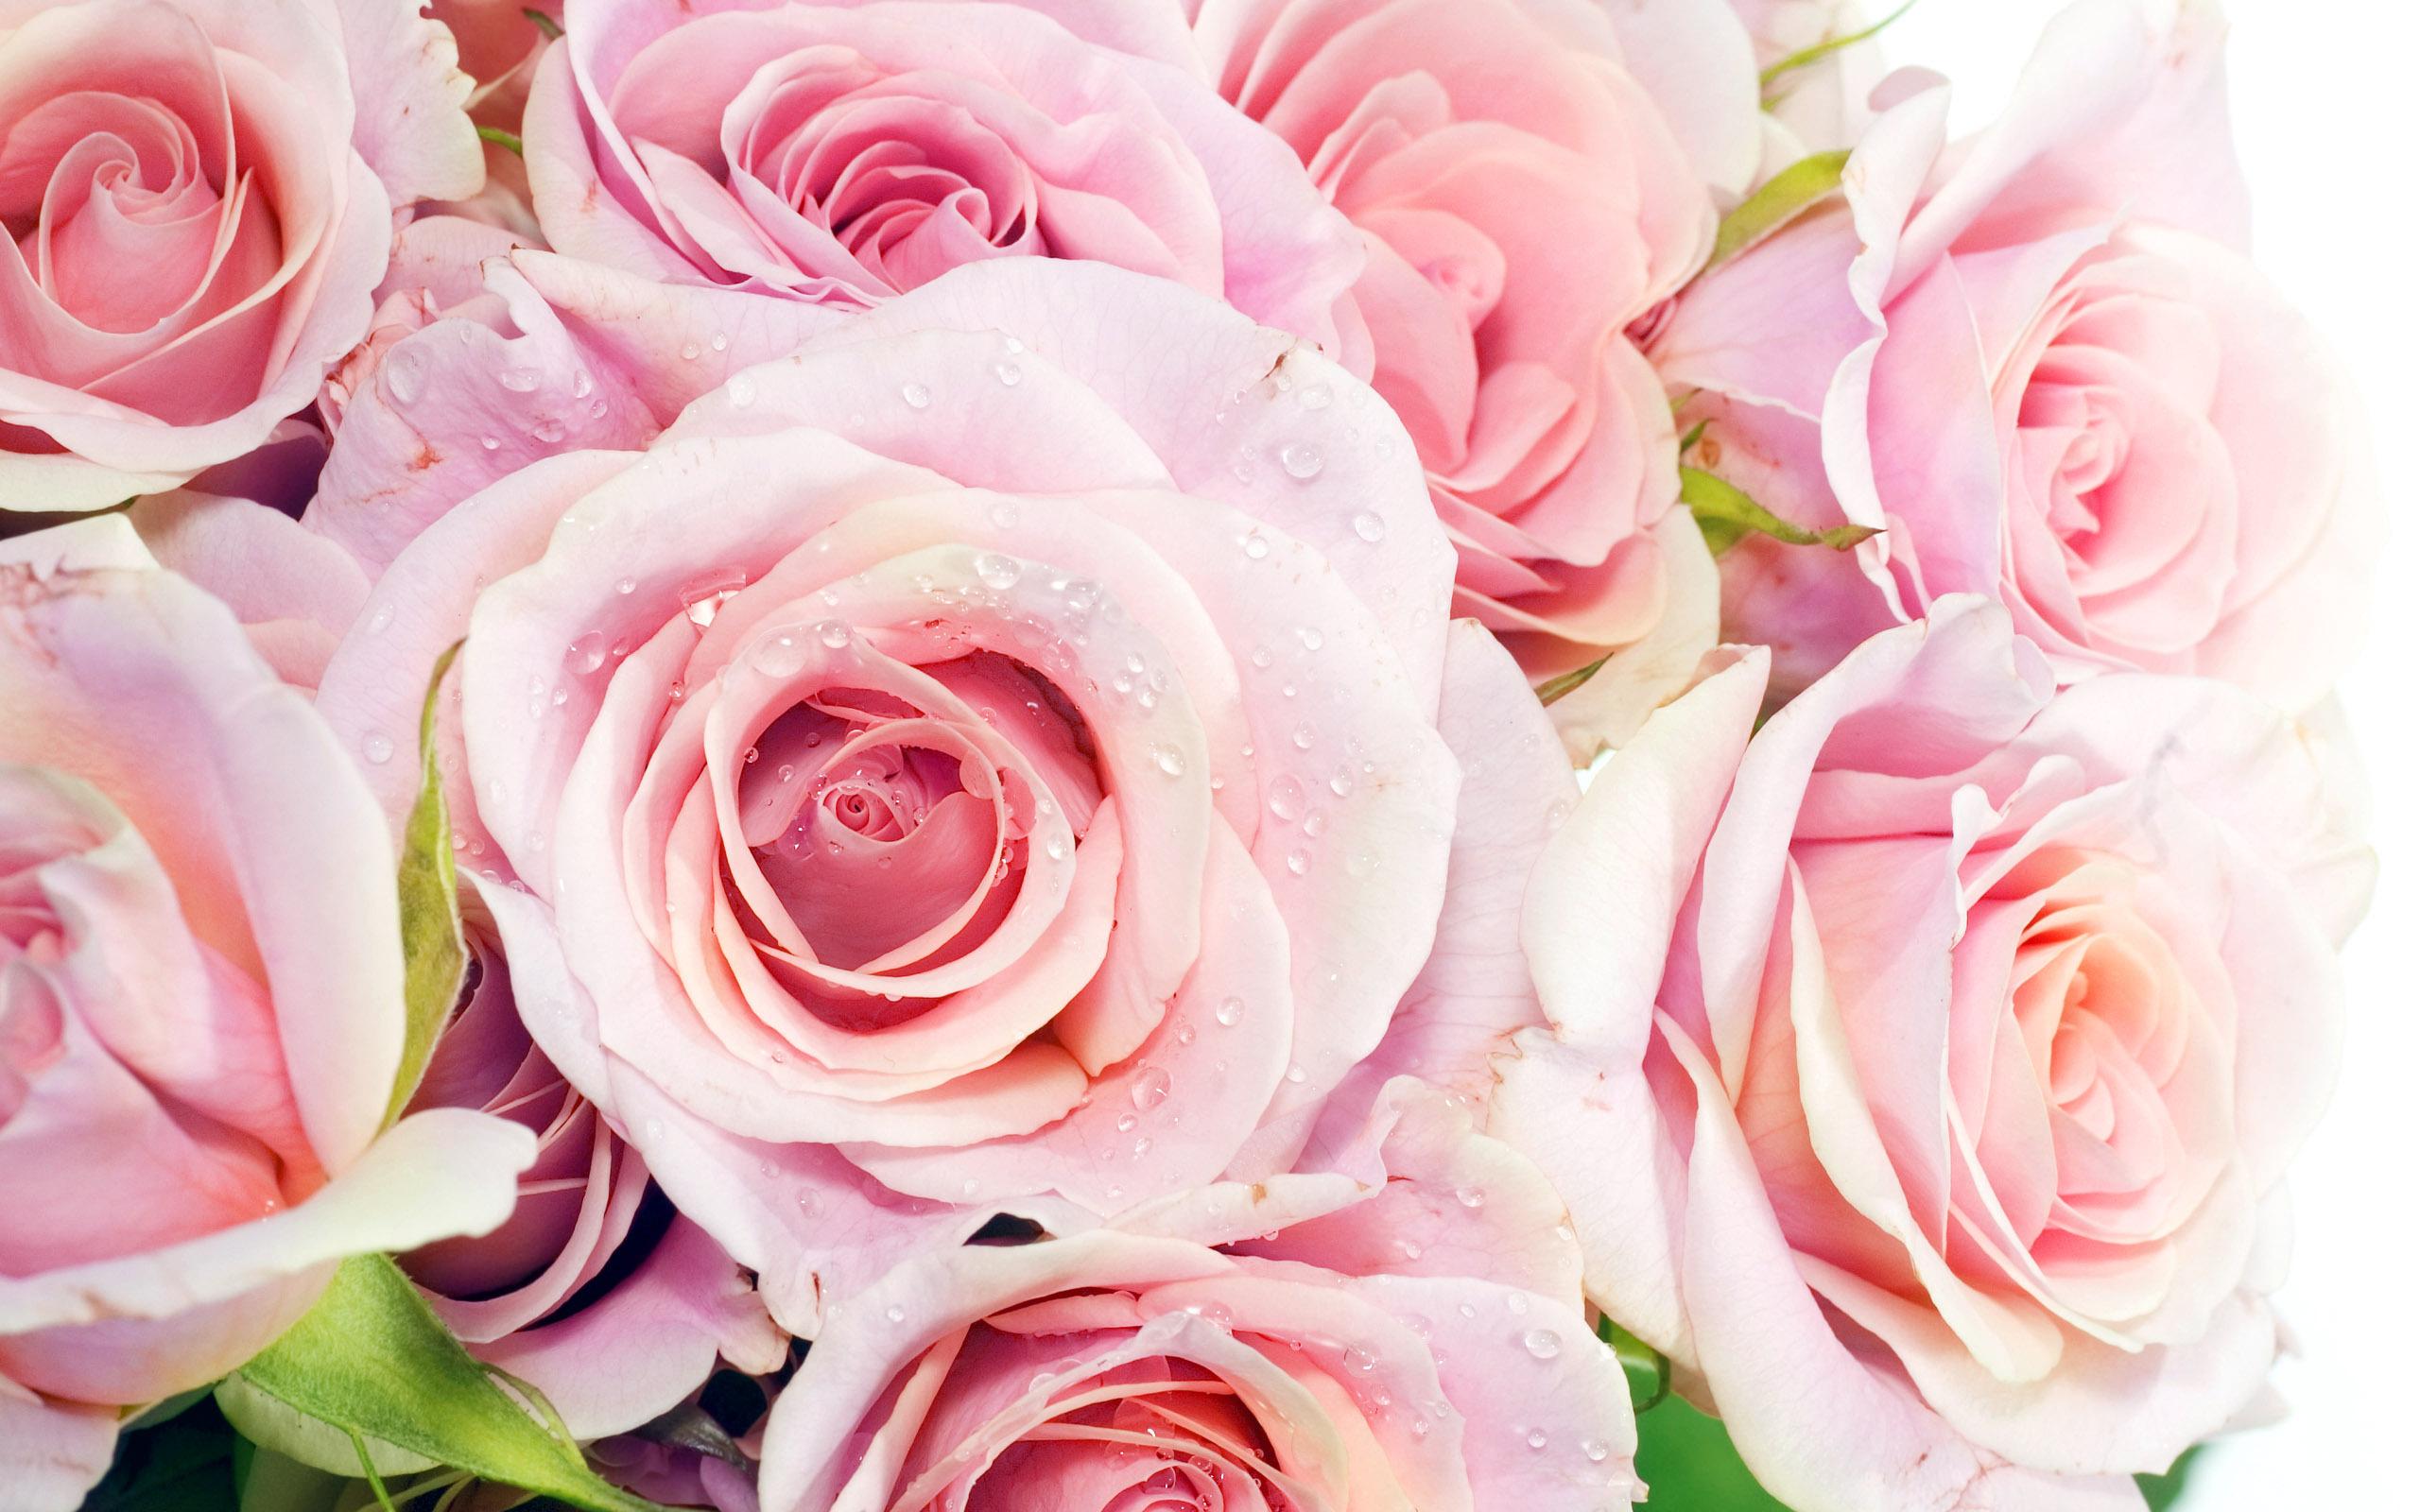 Тест личности: Название какого цветка вы увидели первым может отражать множество аспектов вашей жизни и личности